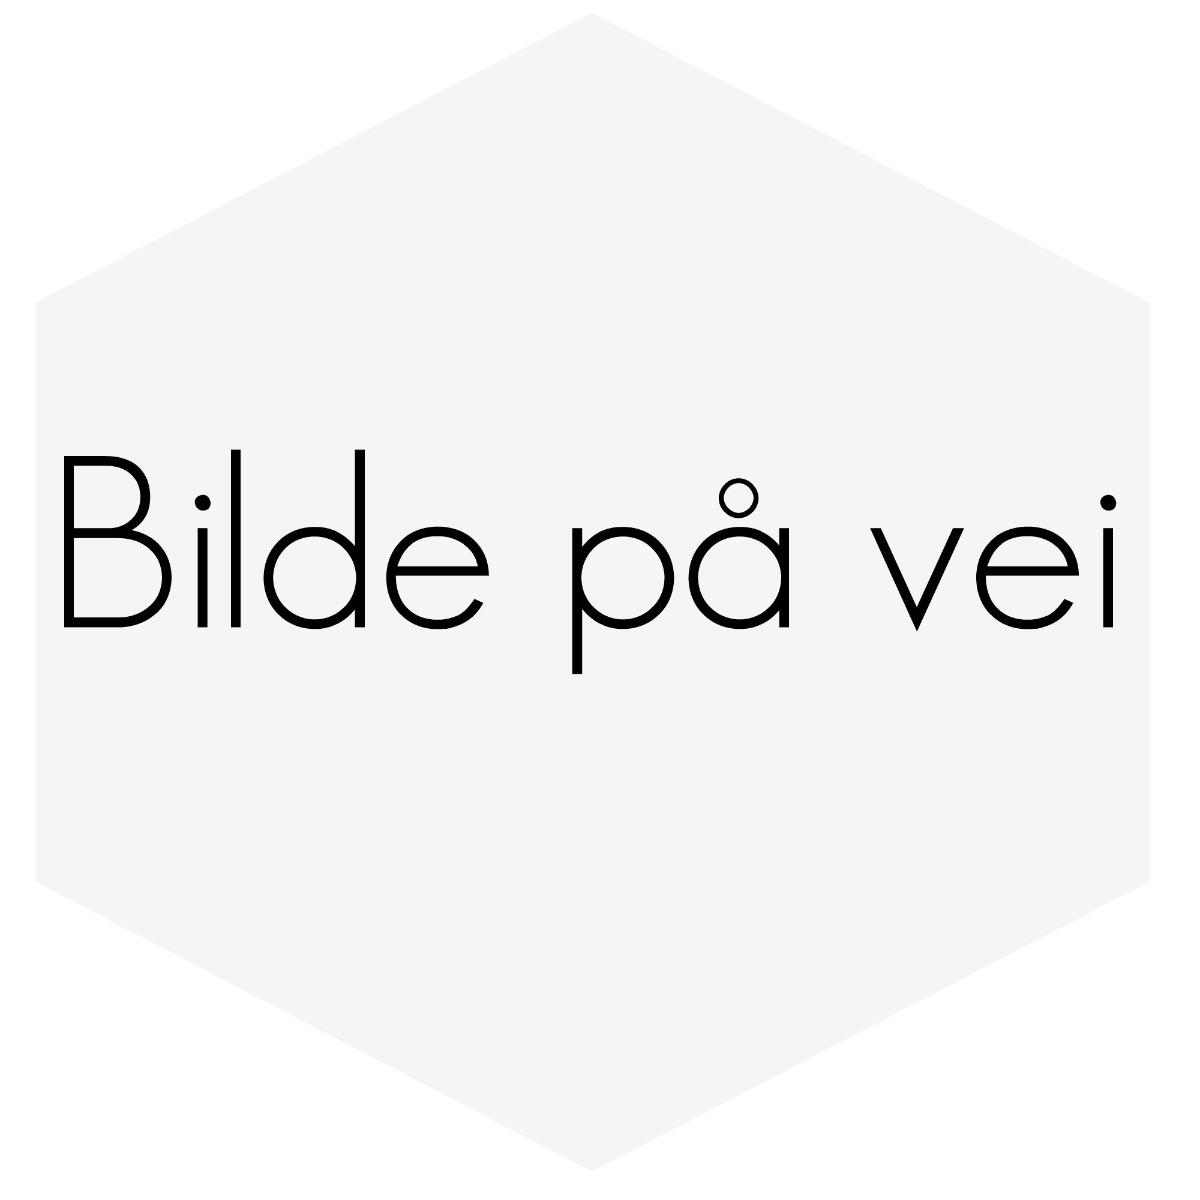 PLUGGKABELSETT TIL VOLVO S/V40 SE INFO OG BILDE